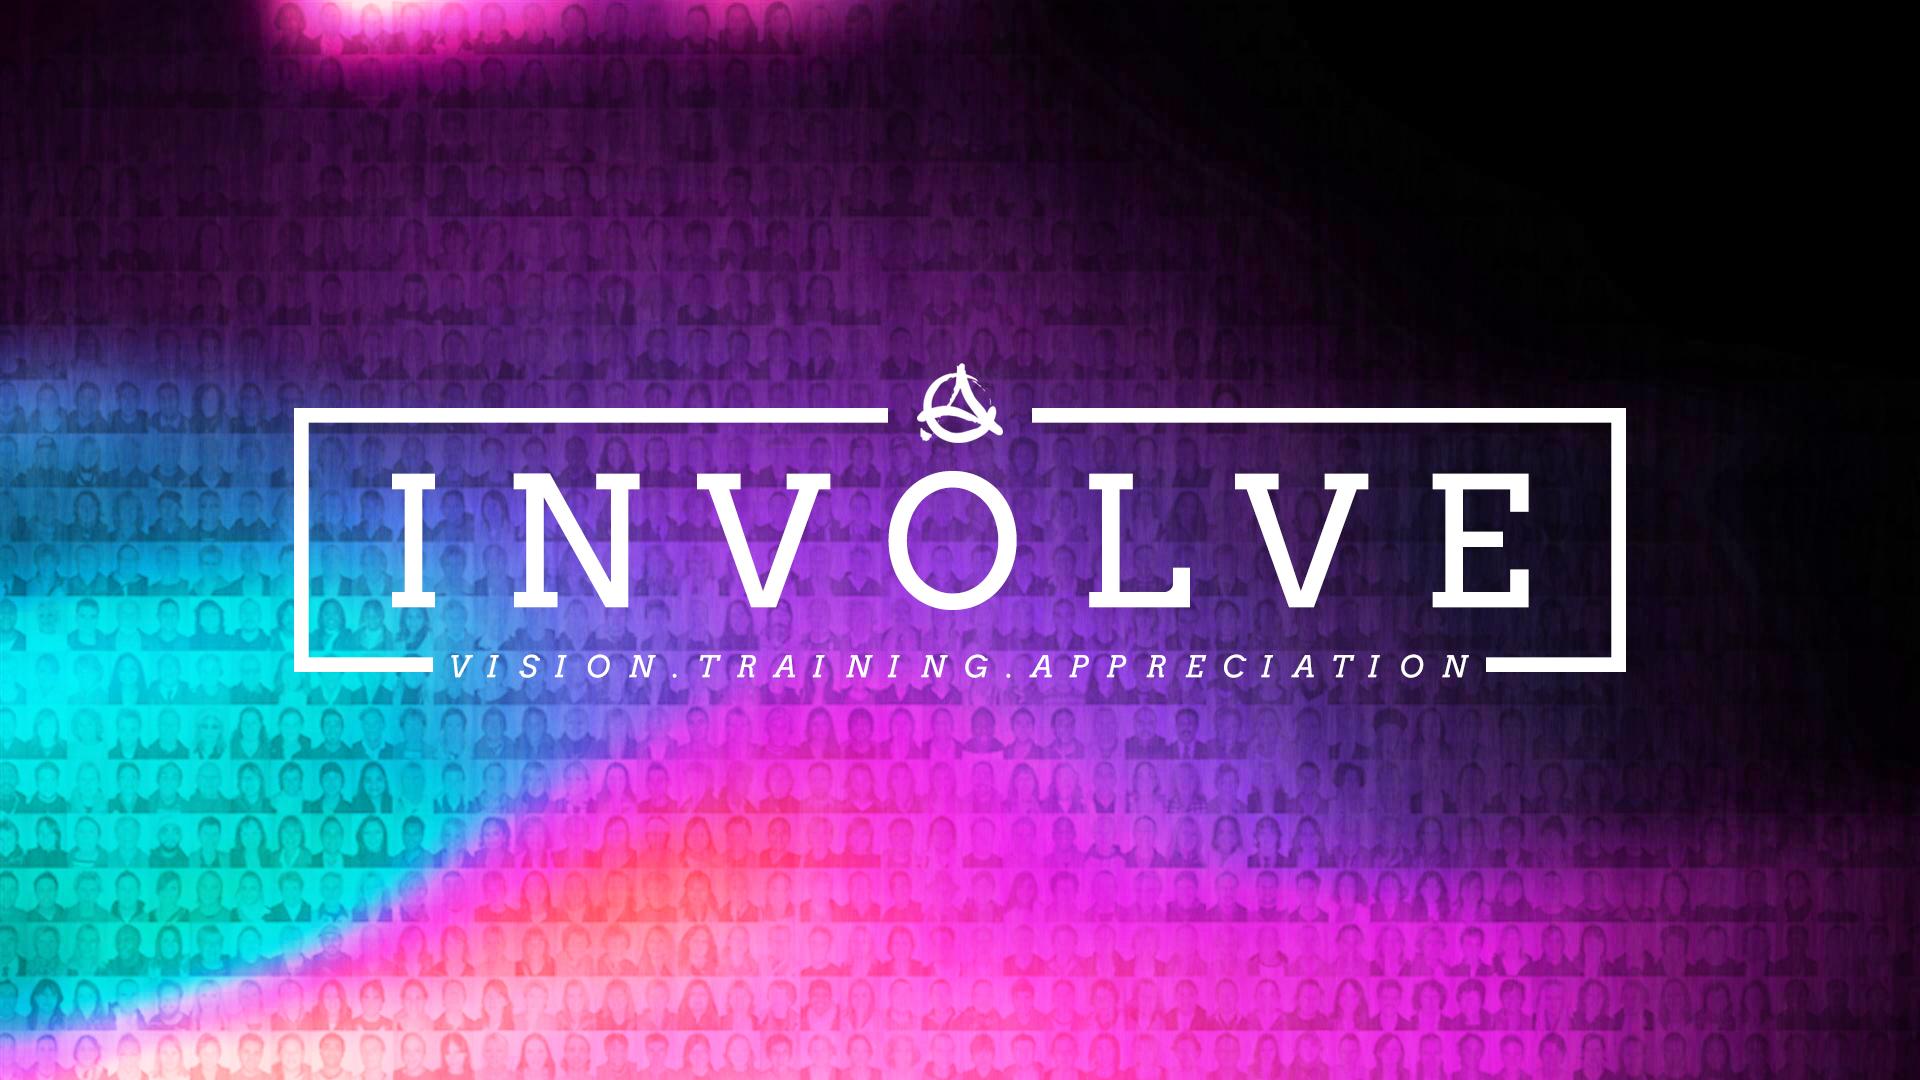 INVOLVE_Master.jpg